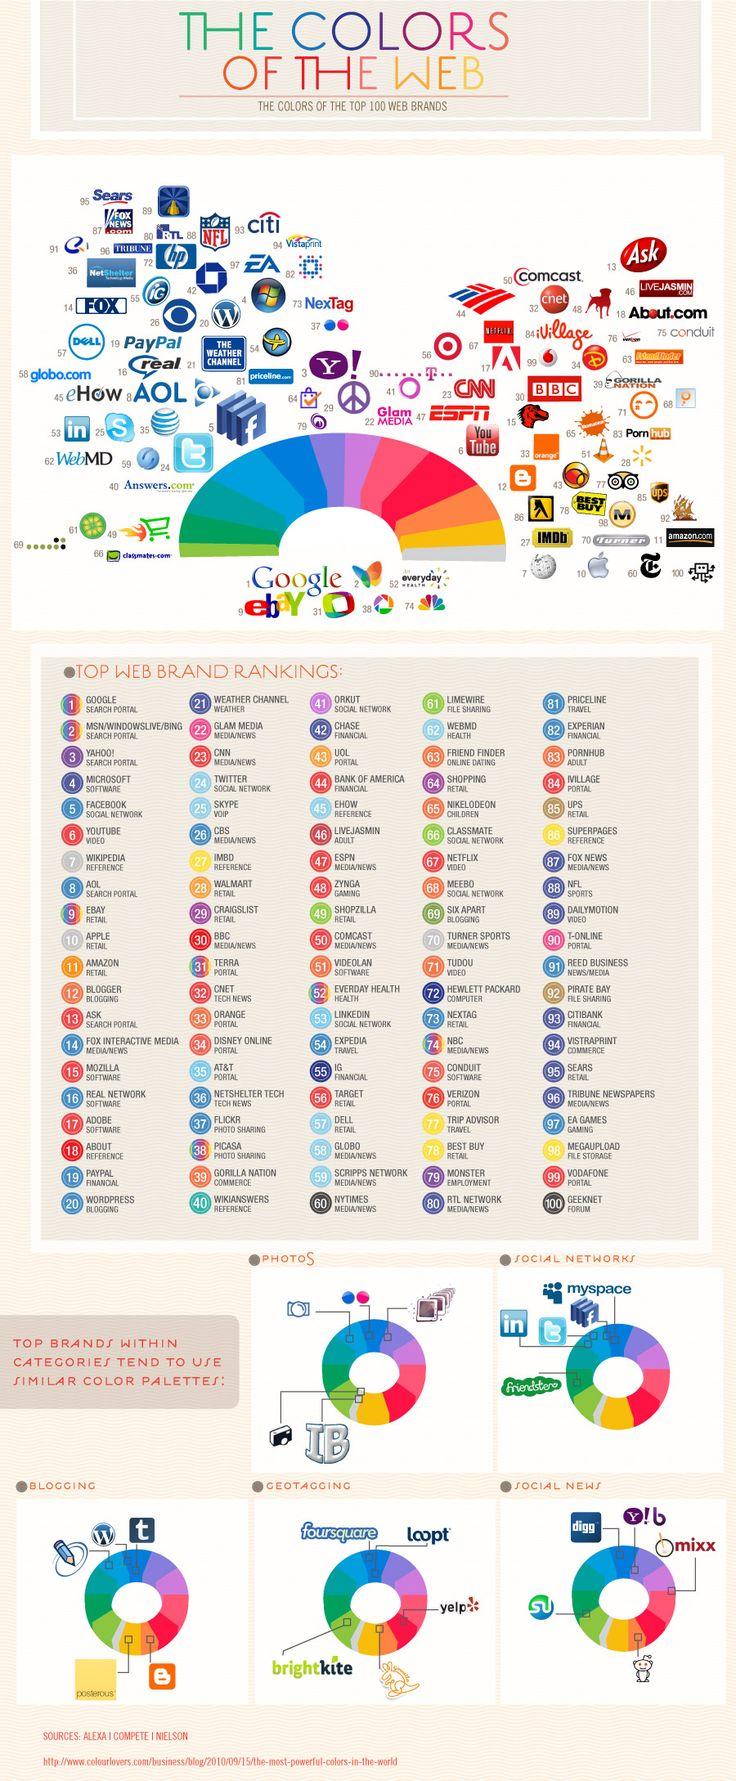 Farby TOP 100 značiek na internete